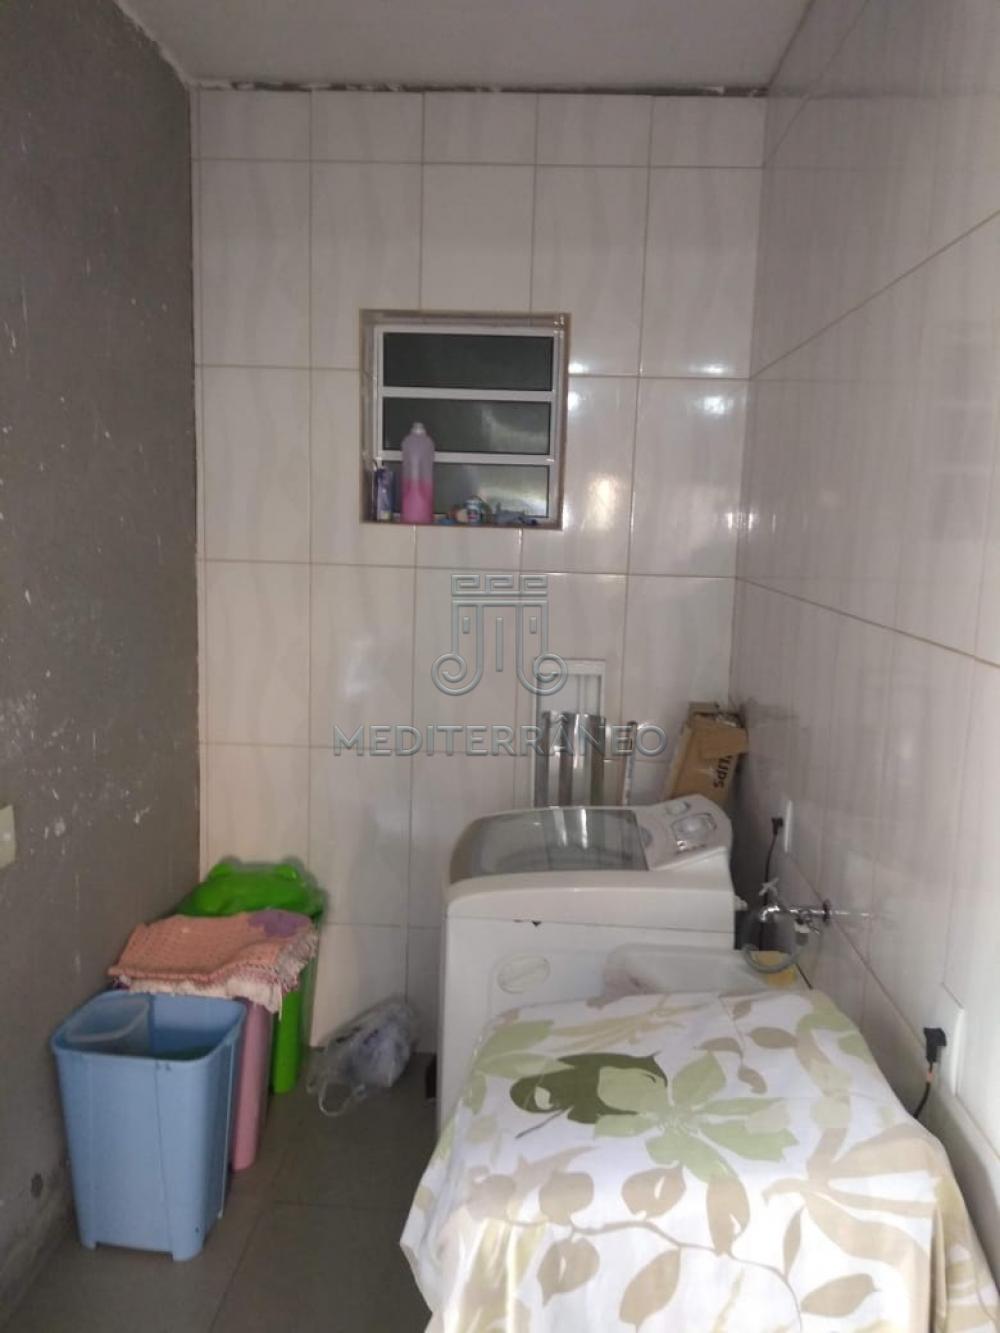 Comprar Casa / Padrão em Jundiaí apenas R$ 220.000,00 - Foto 16